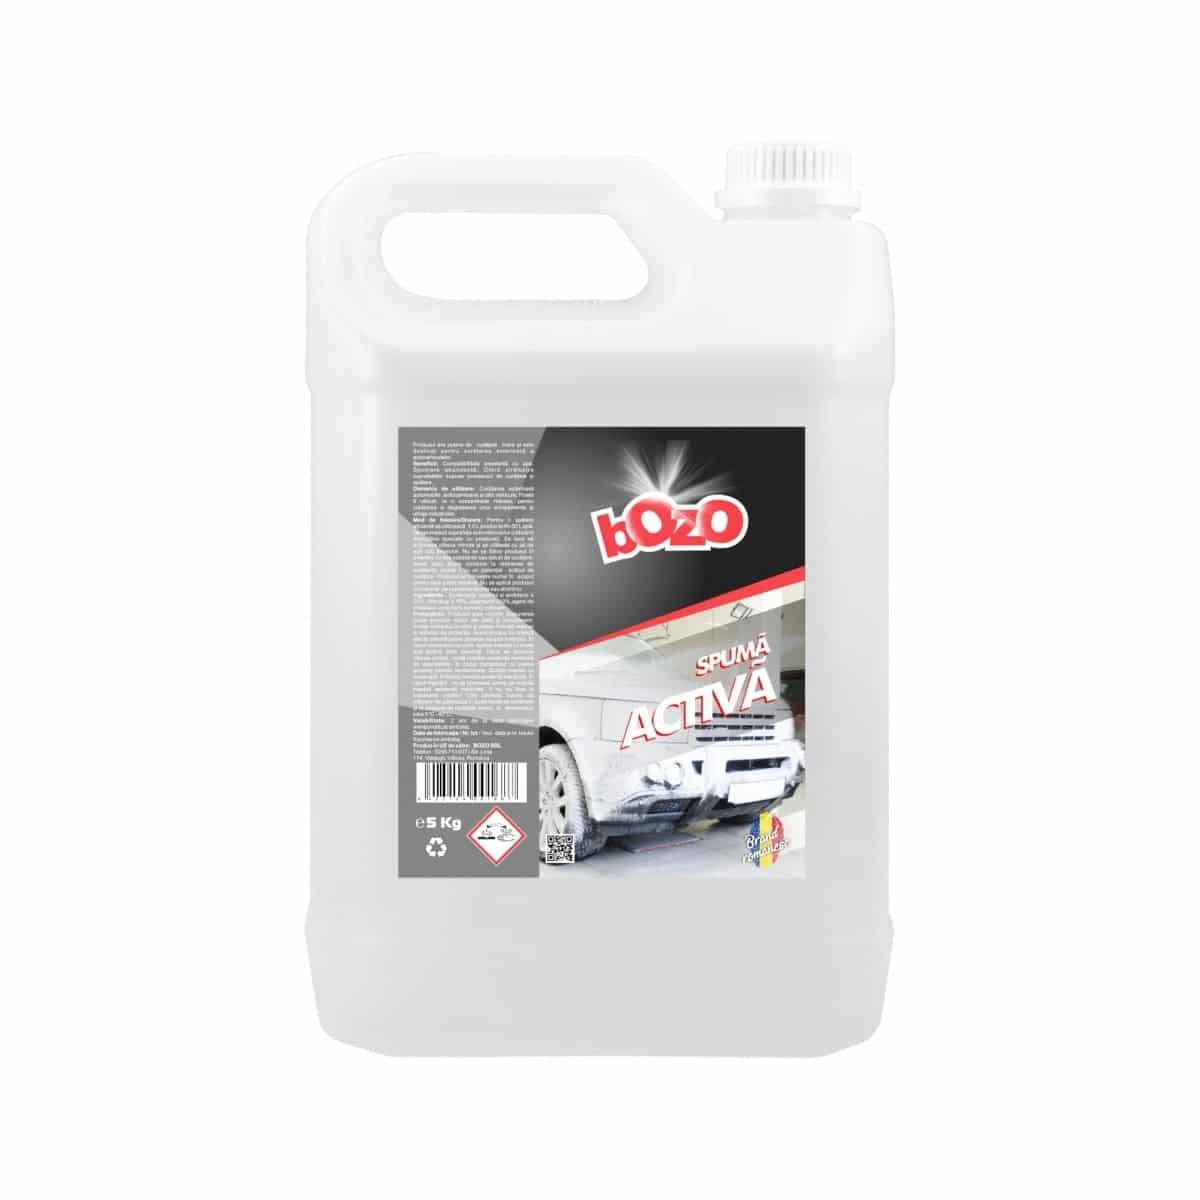 Spuma activa concentrata de spalat auto, marca Bozo, bidon 5 litri imagine 2021 somnart.ro